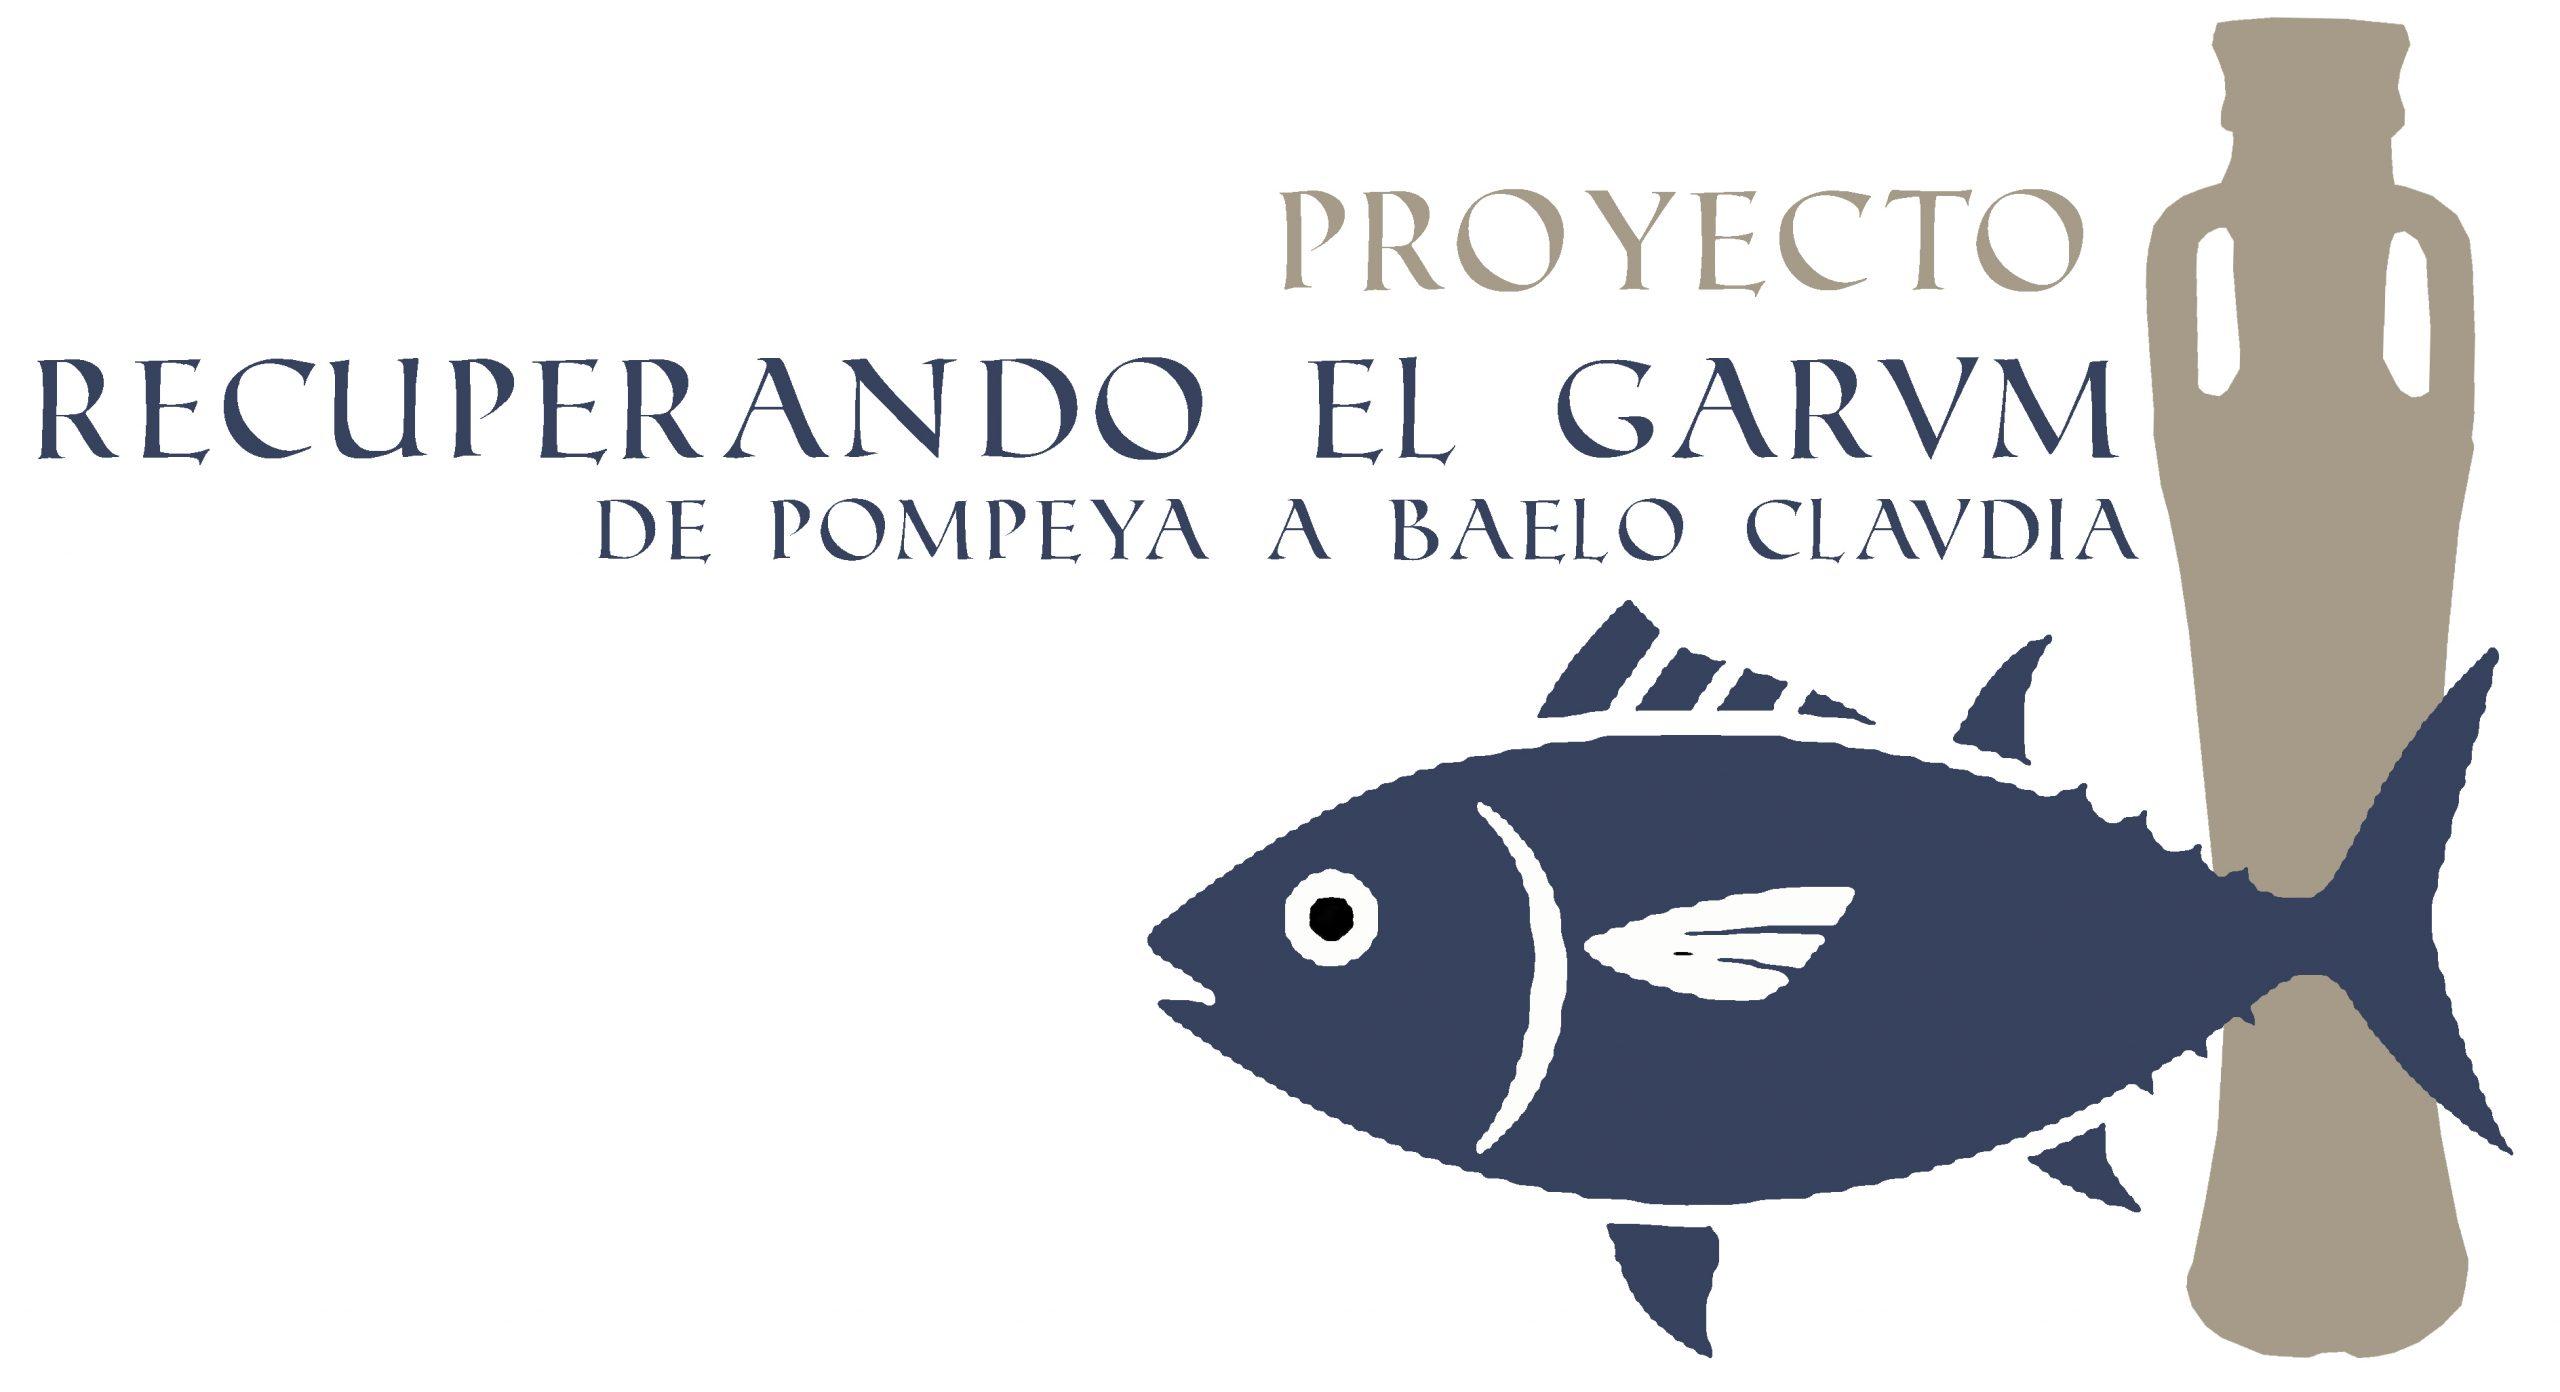 LA REPERCURSIÓN MEDIÁTICA DEL PROYECTO RECUPERANDO EL GARUM. DE POMPEYA A BAELO CLAUDIA